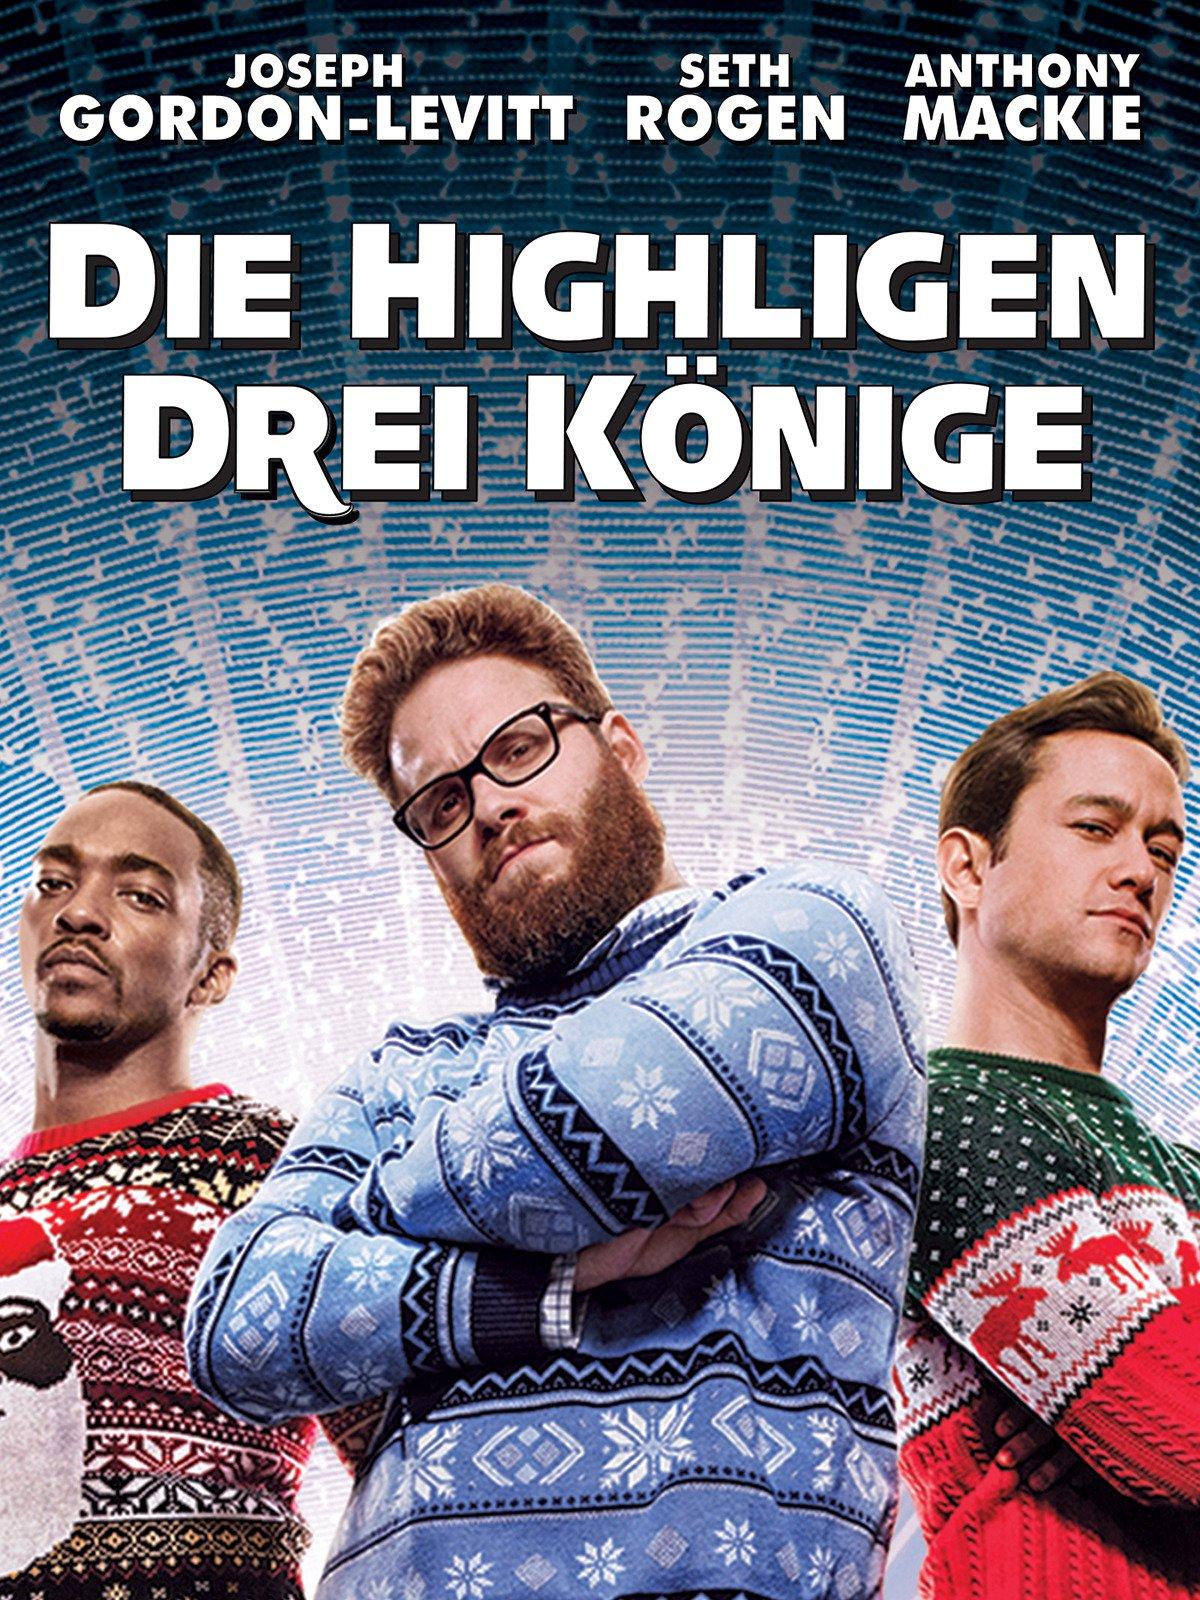 Amazon.de: Die Highligen Drei Könige [dt./OV] ansehen | Prime Video